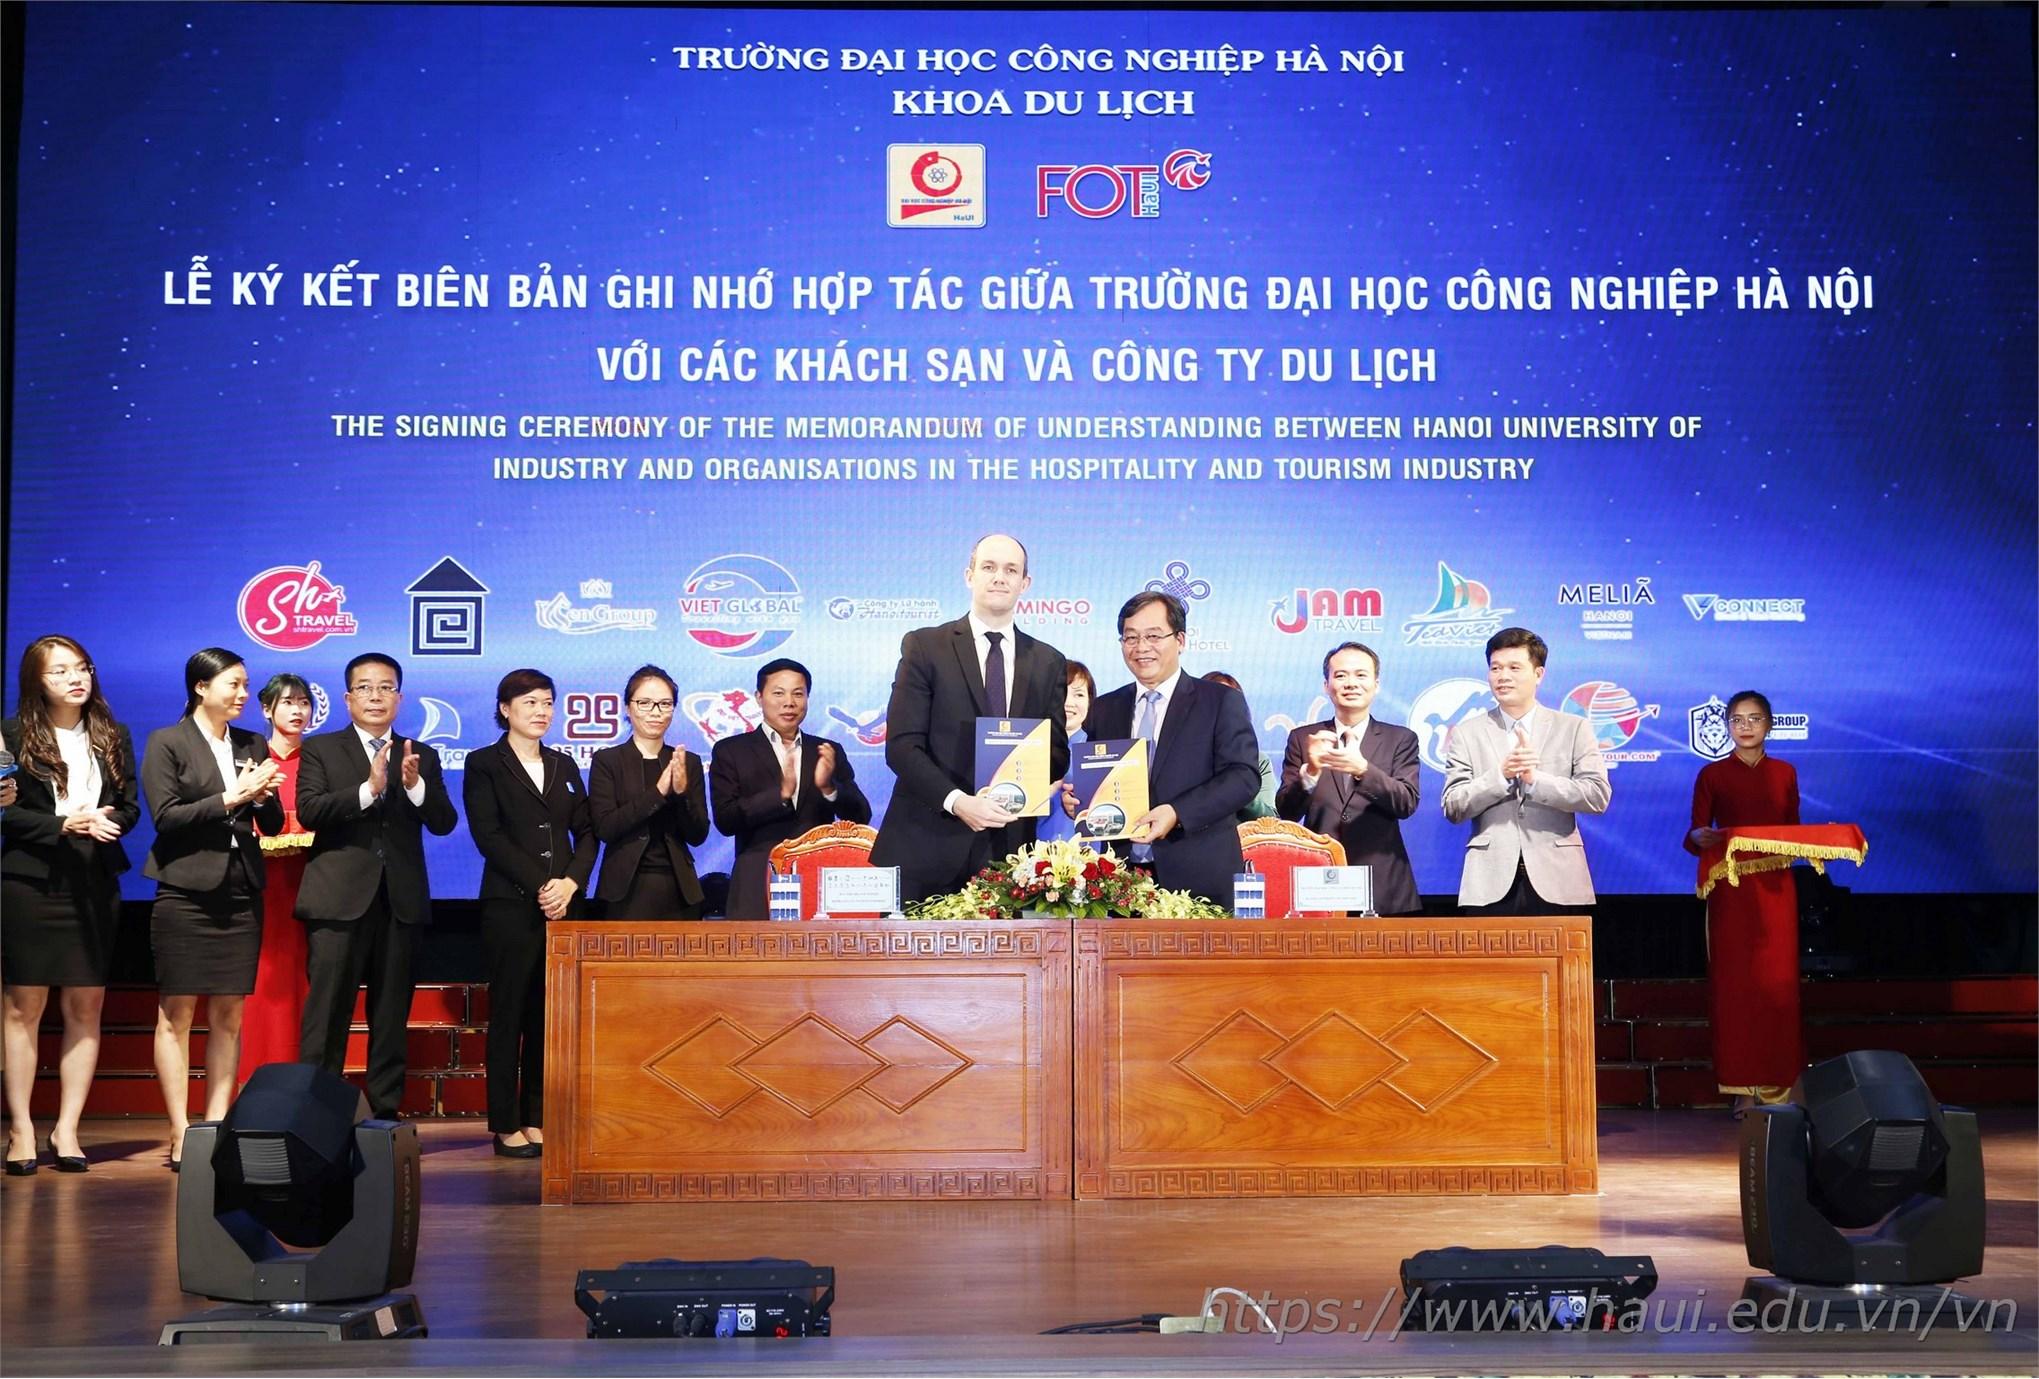 PGS.TS. Trần Đức Quý – Bí thư Đảng ủy, Hiệu trưởng nhà trường ký biên bản ghi nhớ hợp tác giữa ĐHCNHN với các khách sạn và công ty du lịch